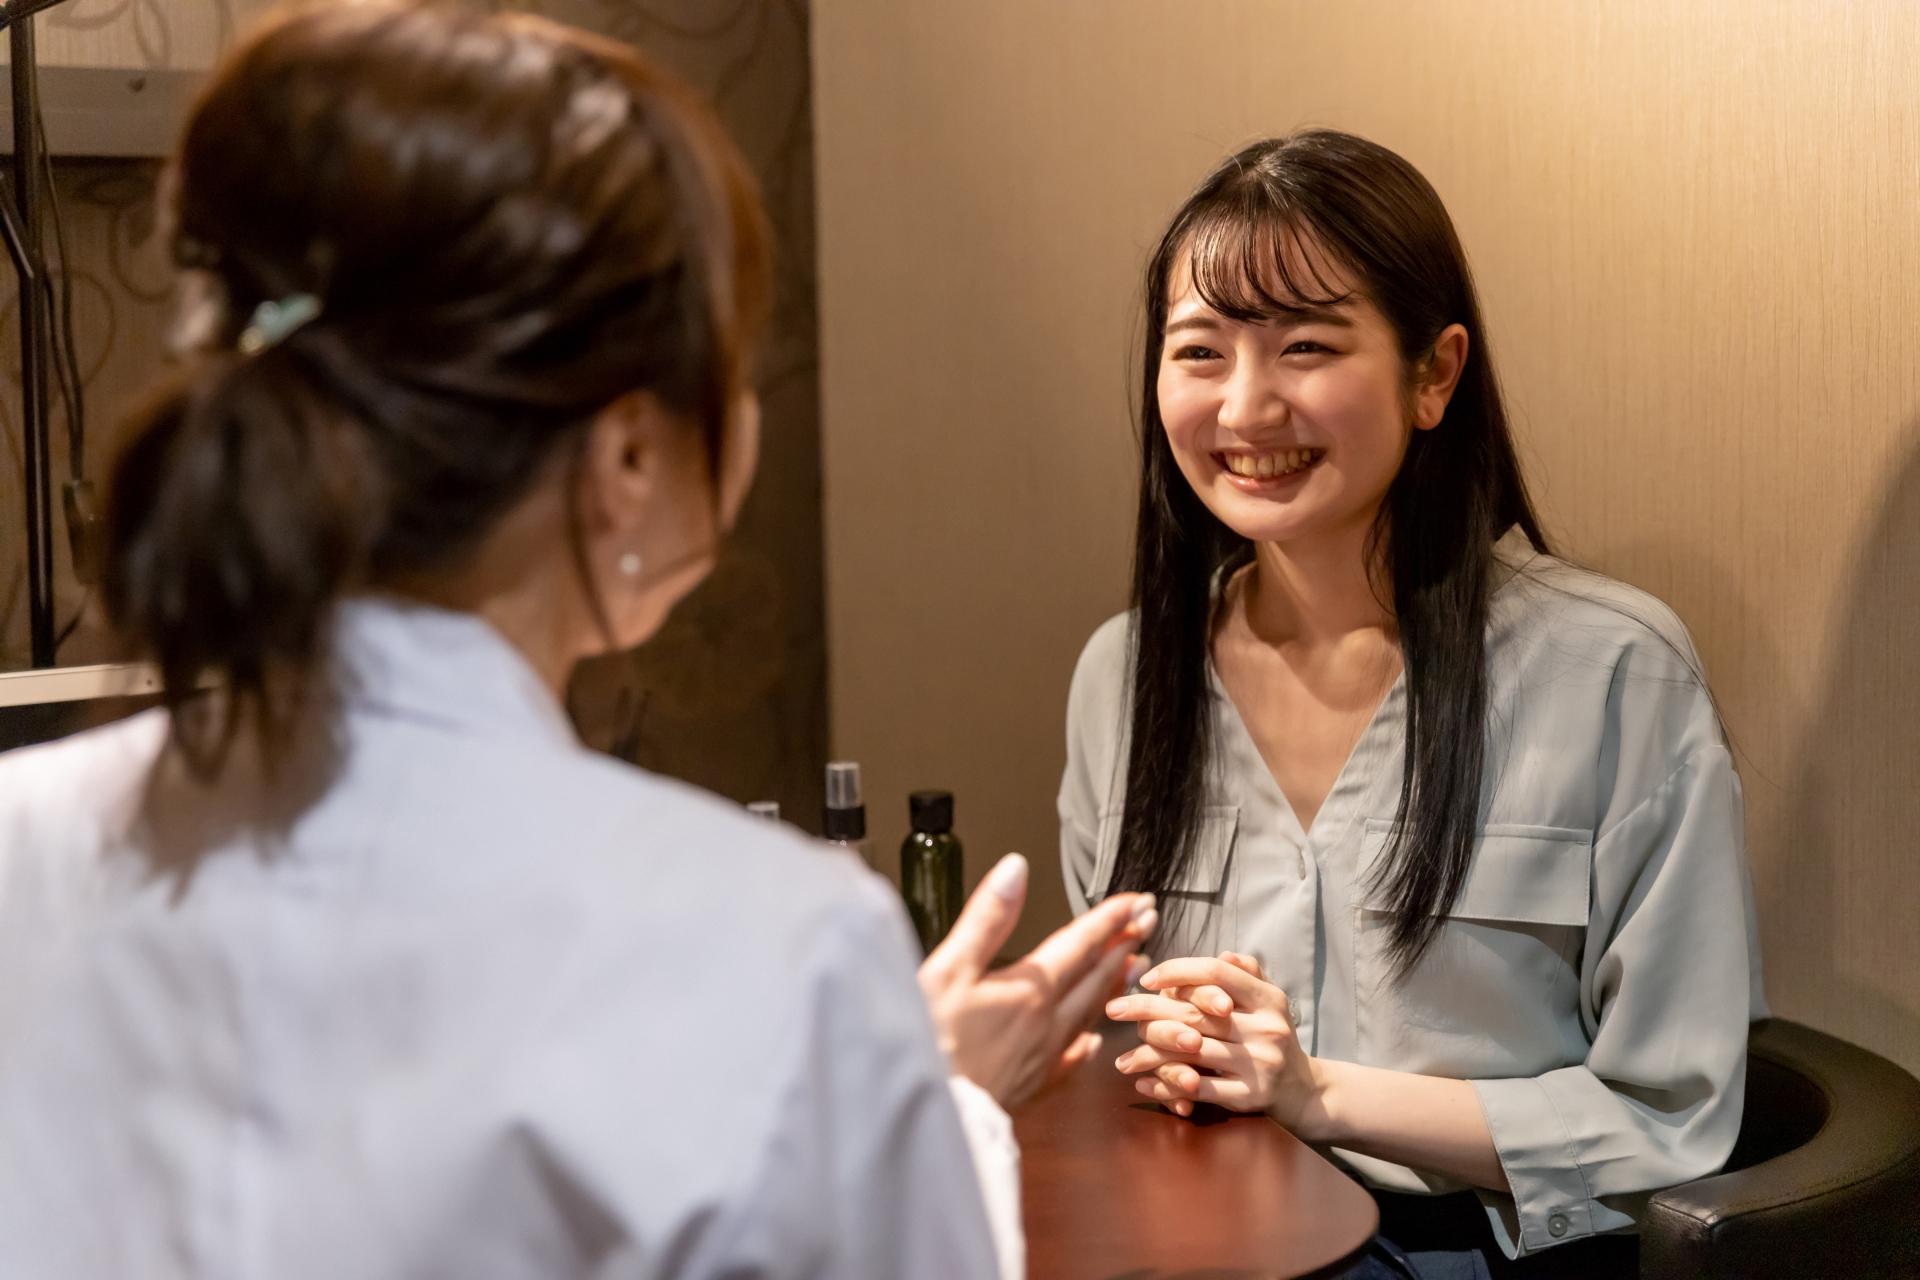 大学病院からクリニックに転職した看護師に聞く転職体験談